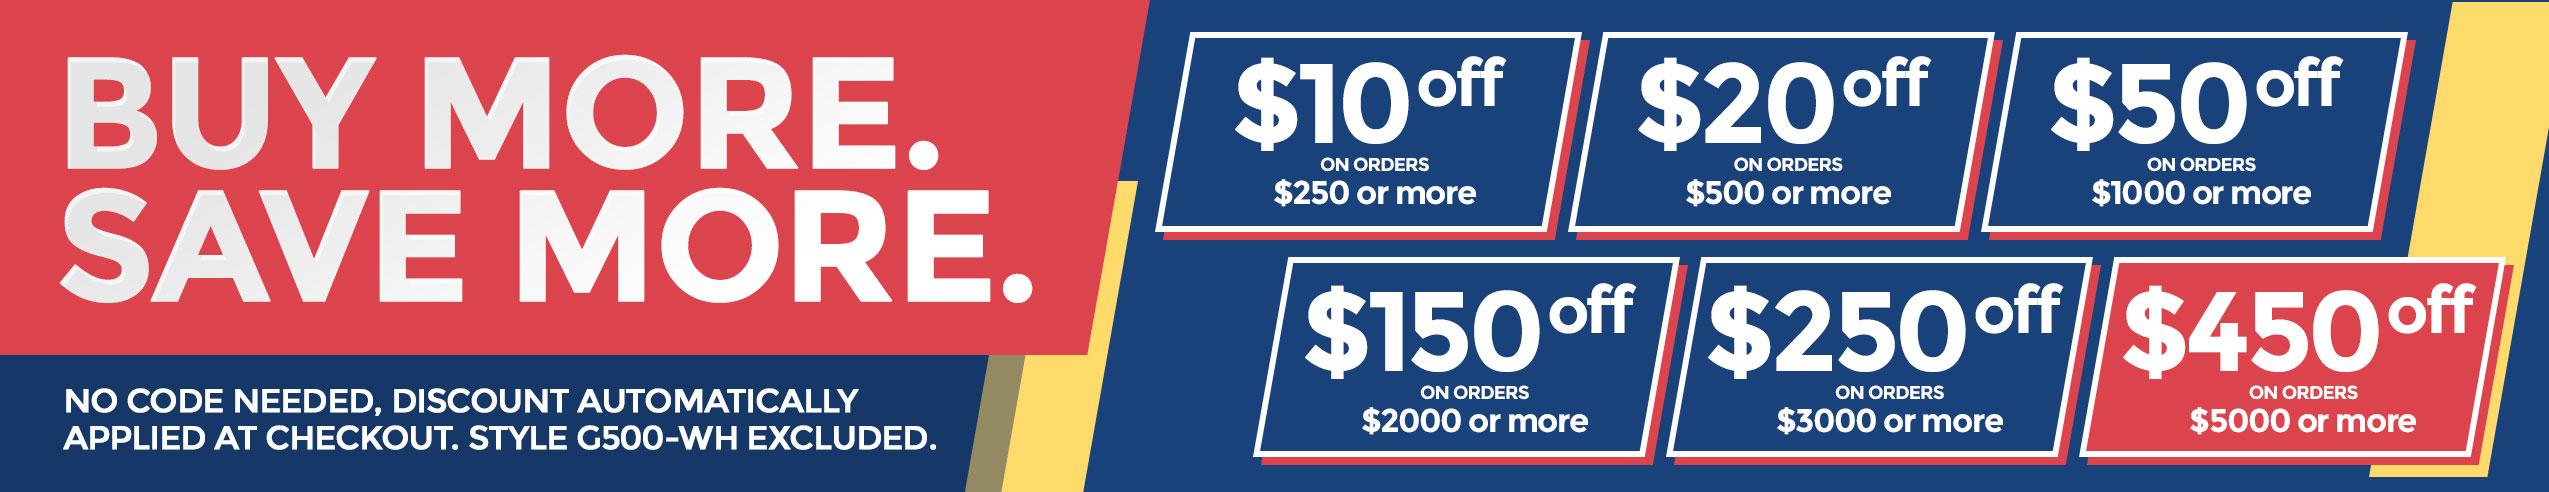 Buy More, Save More! Bulk Discounts!